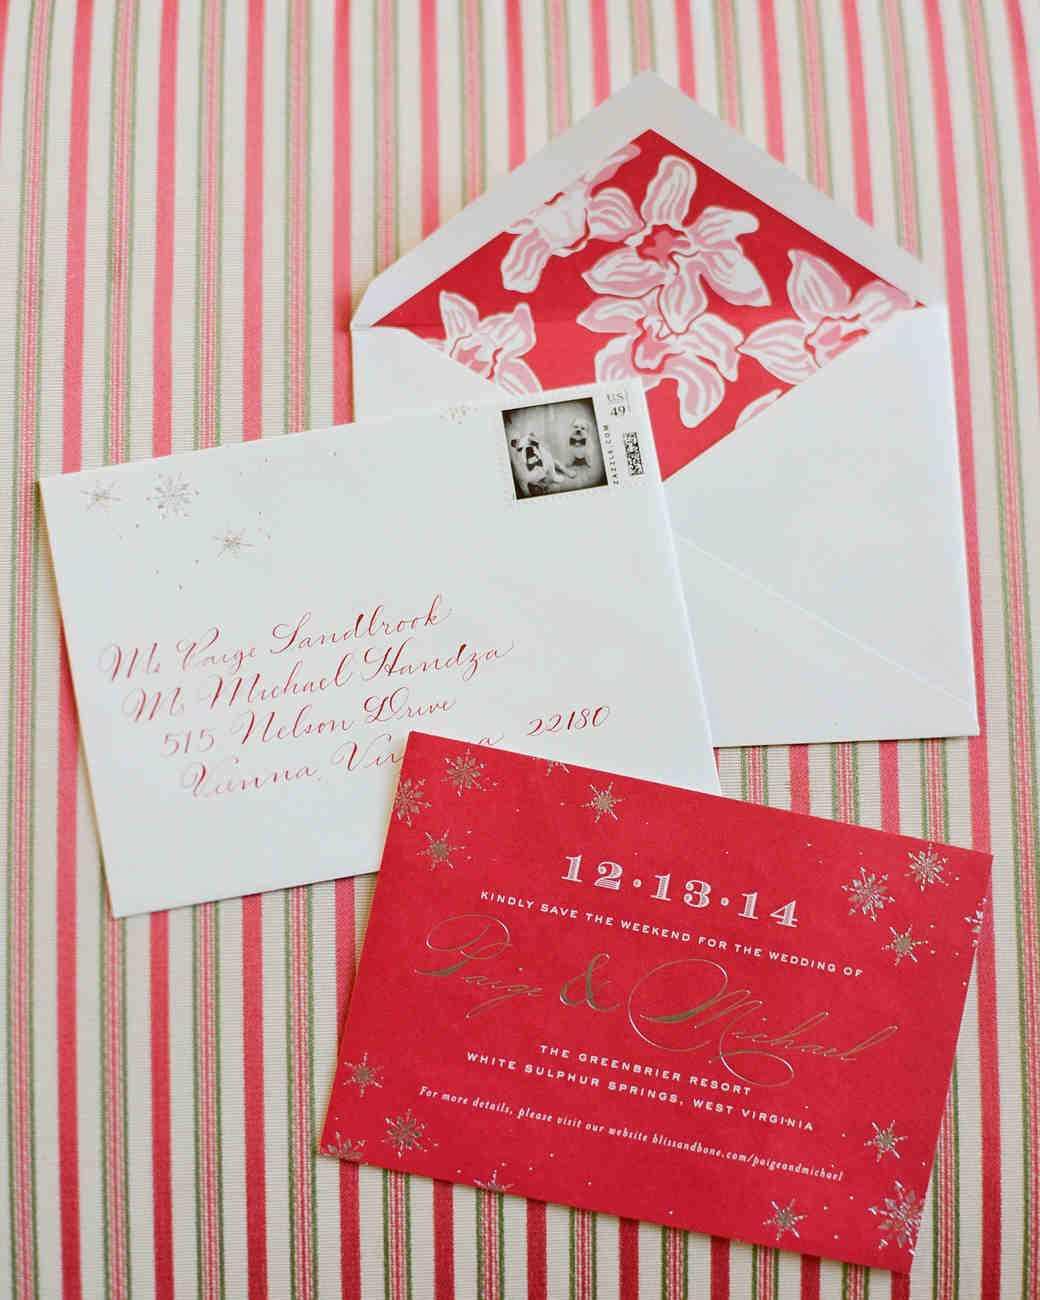 Yeni Yıl Temalı Kırmızı & Yaldızlı Düğün Davetiyesi